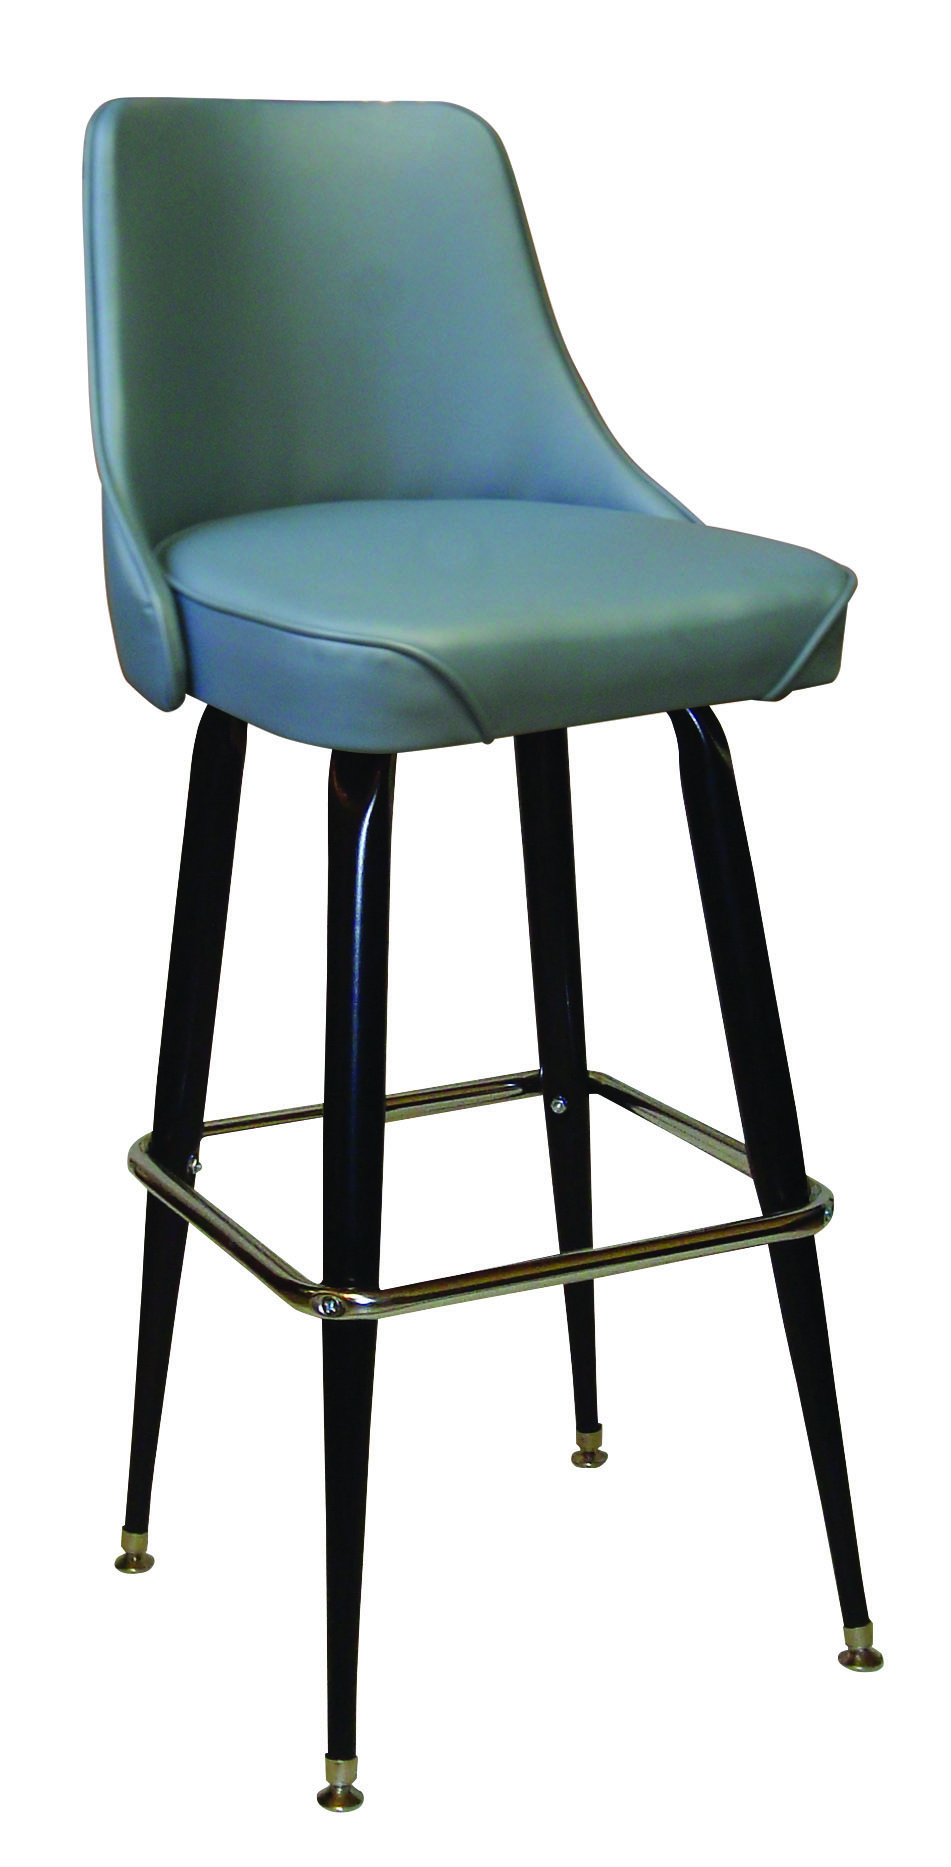 265 242 Wf Vitro Classic Fully Upholstered Tapered Leg